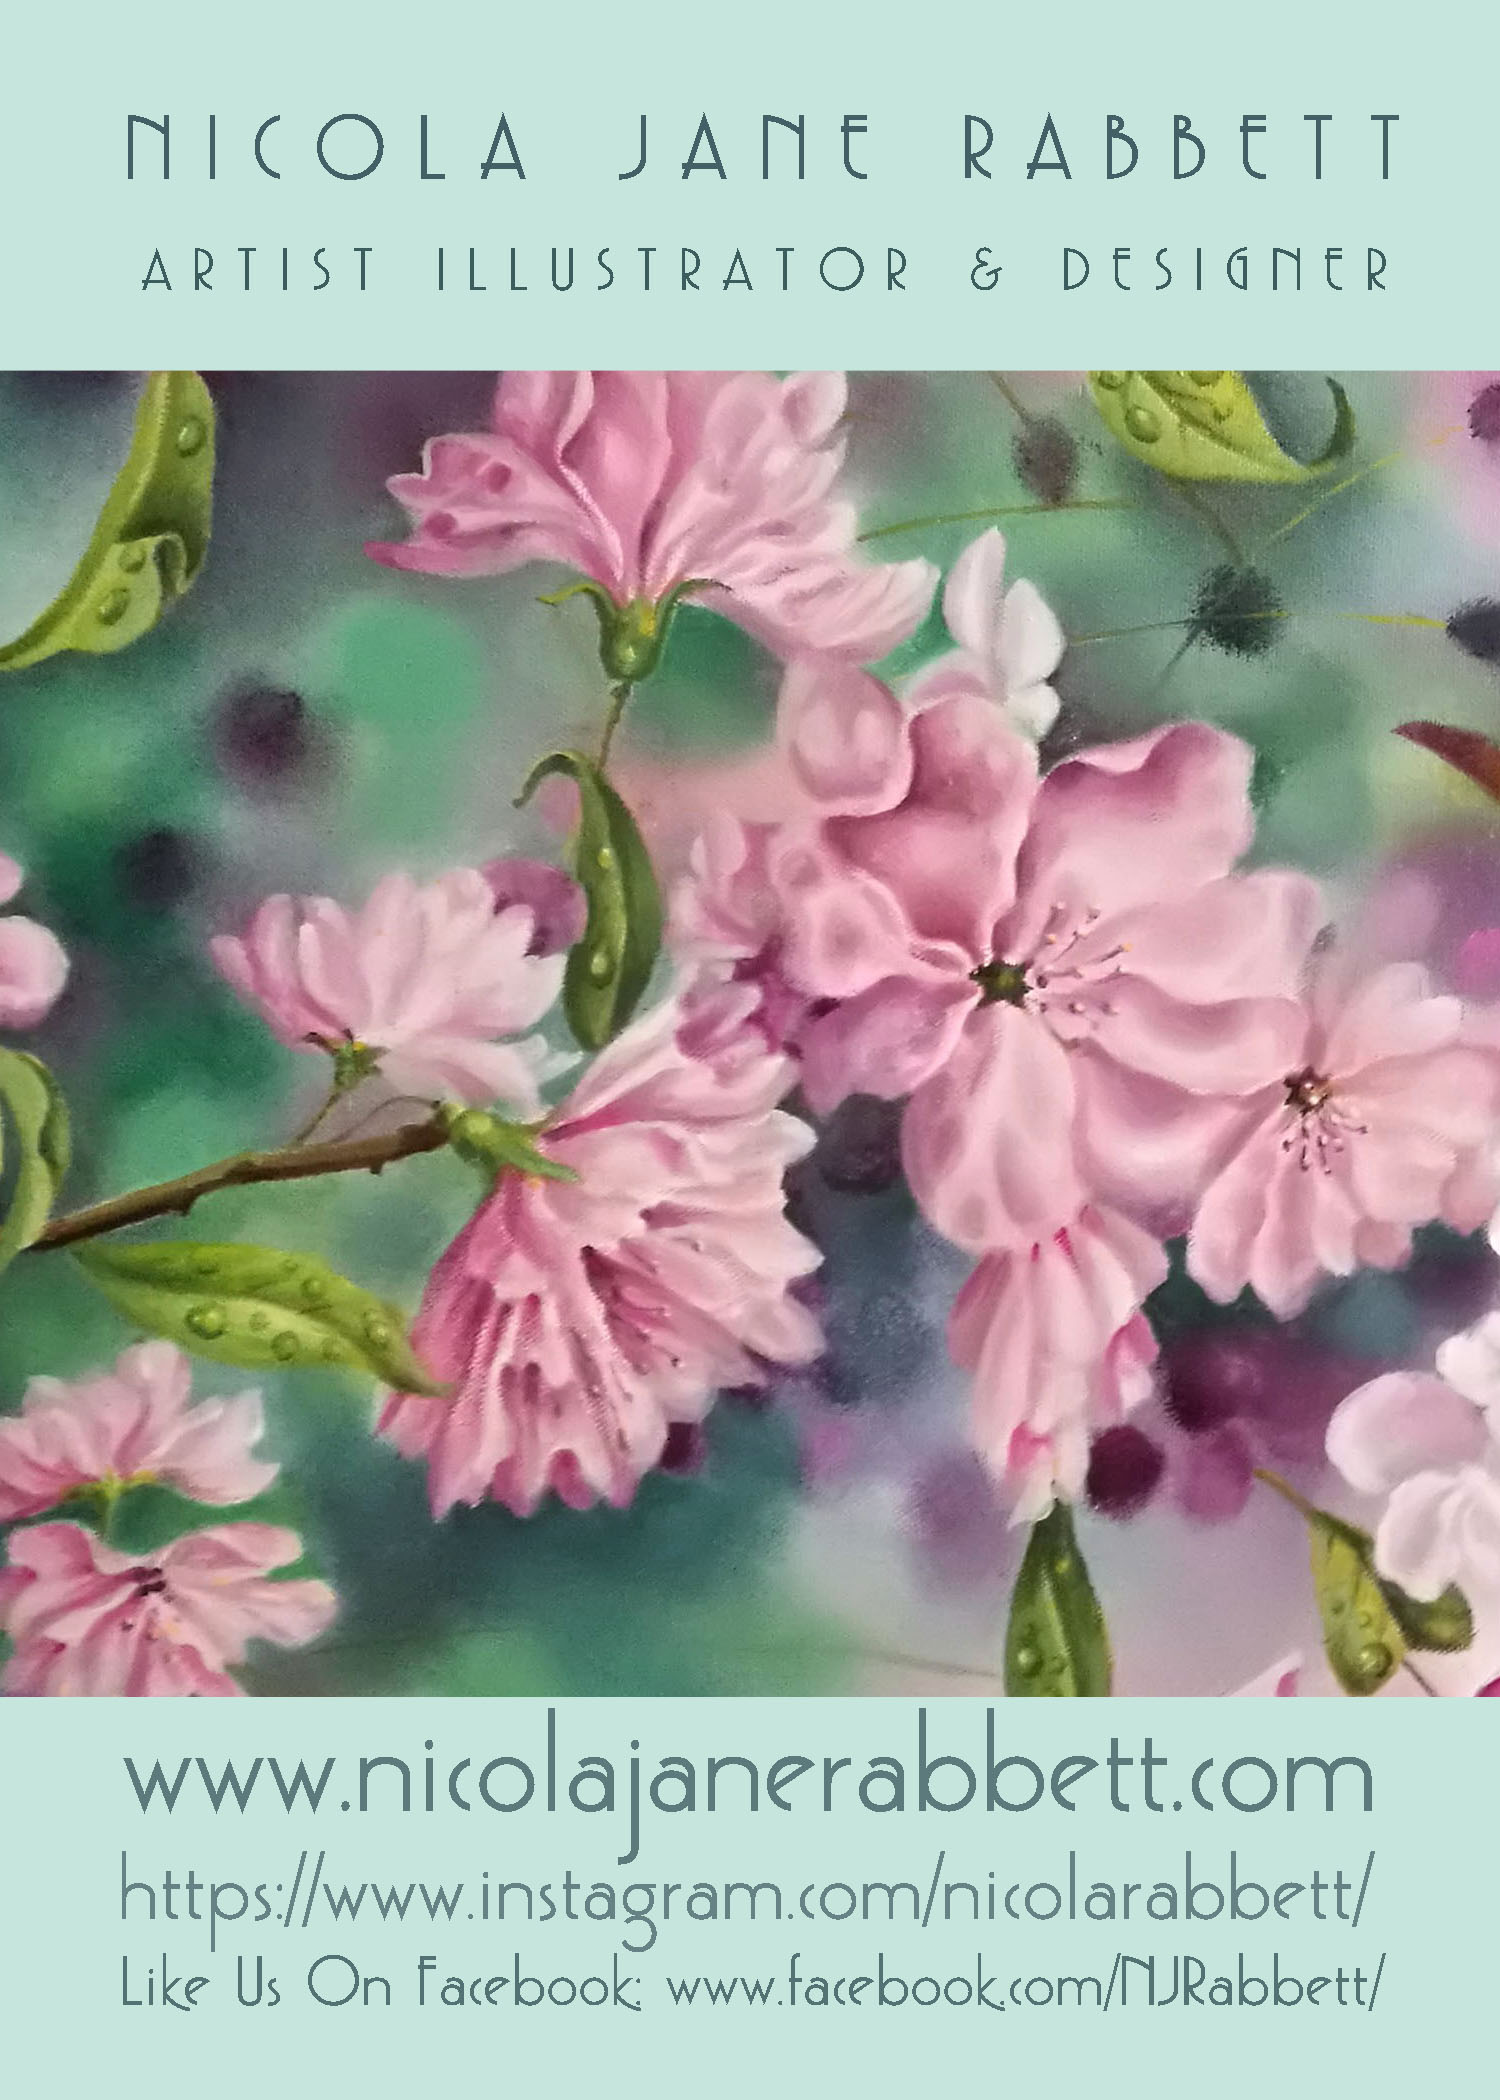 njr flyer floral after the rain.jpg